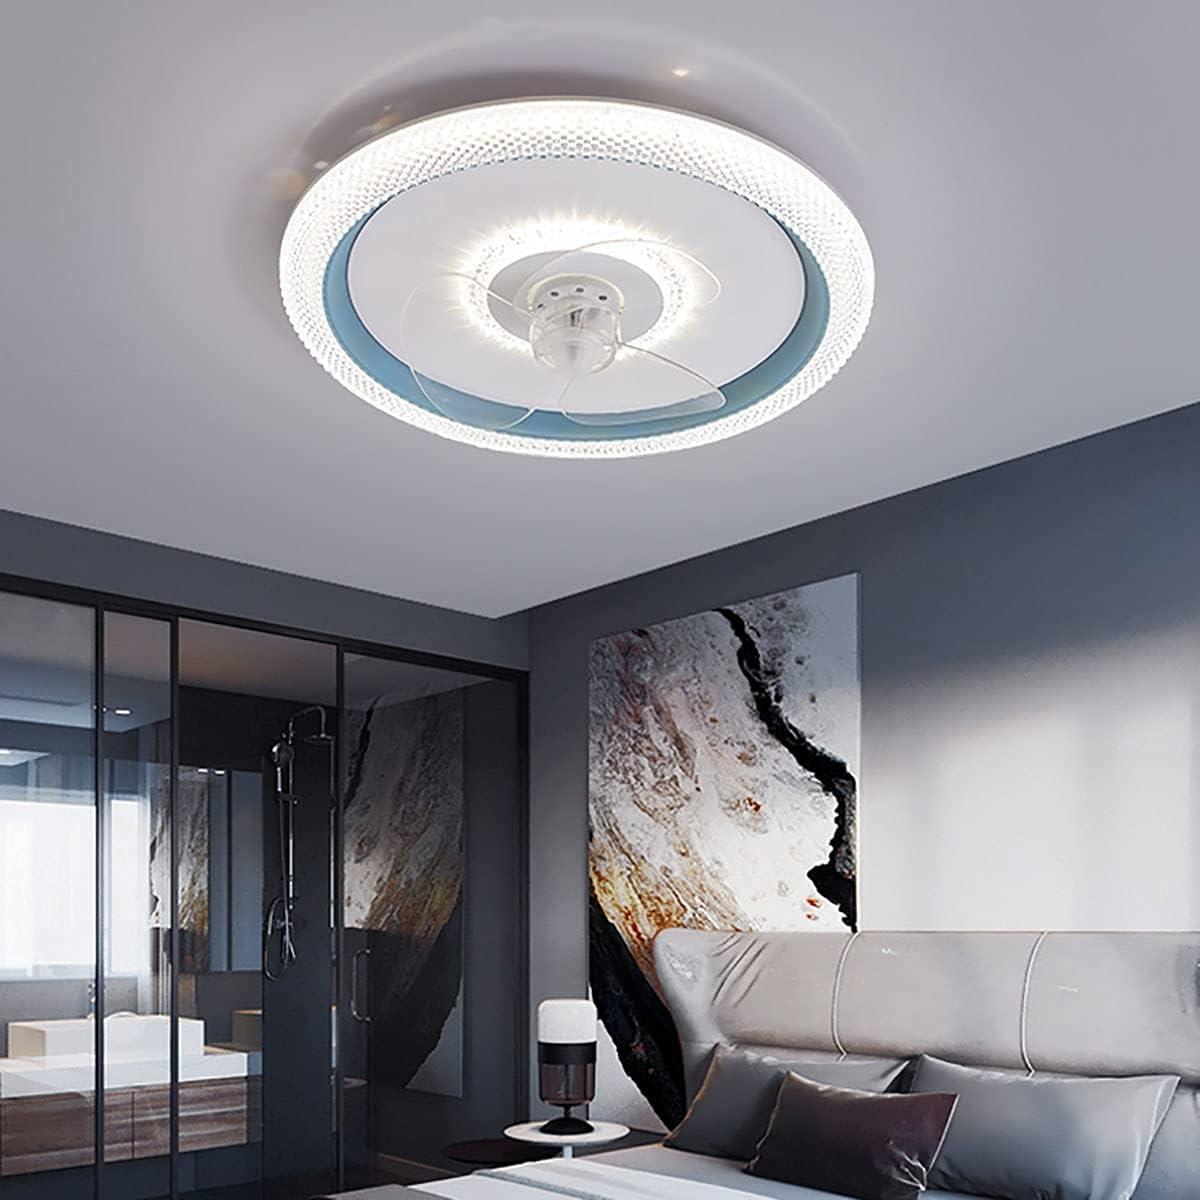 36W Ventilador de Techo con Lámpara Silencioso, Ventilador de Techo con Iluminacion y Mando a Distancia Dimable 3 Velocidad del Viento Fan Luces para Dormitorio Salón Comedor, Temporizador